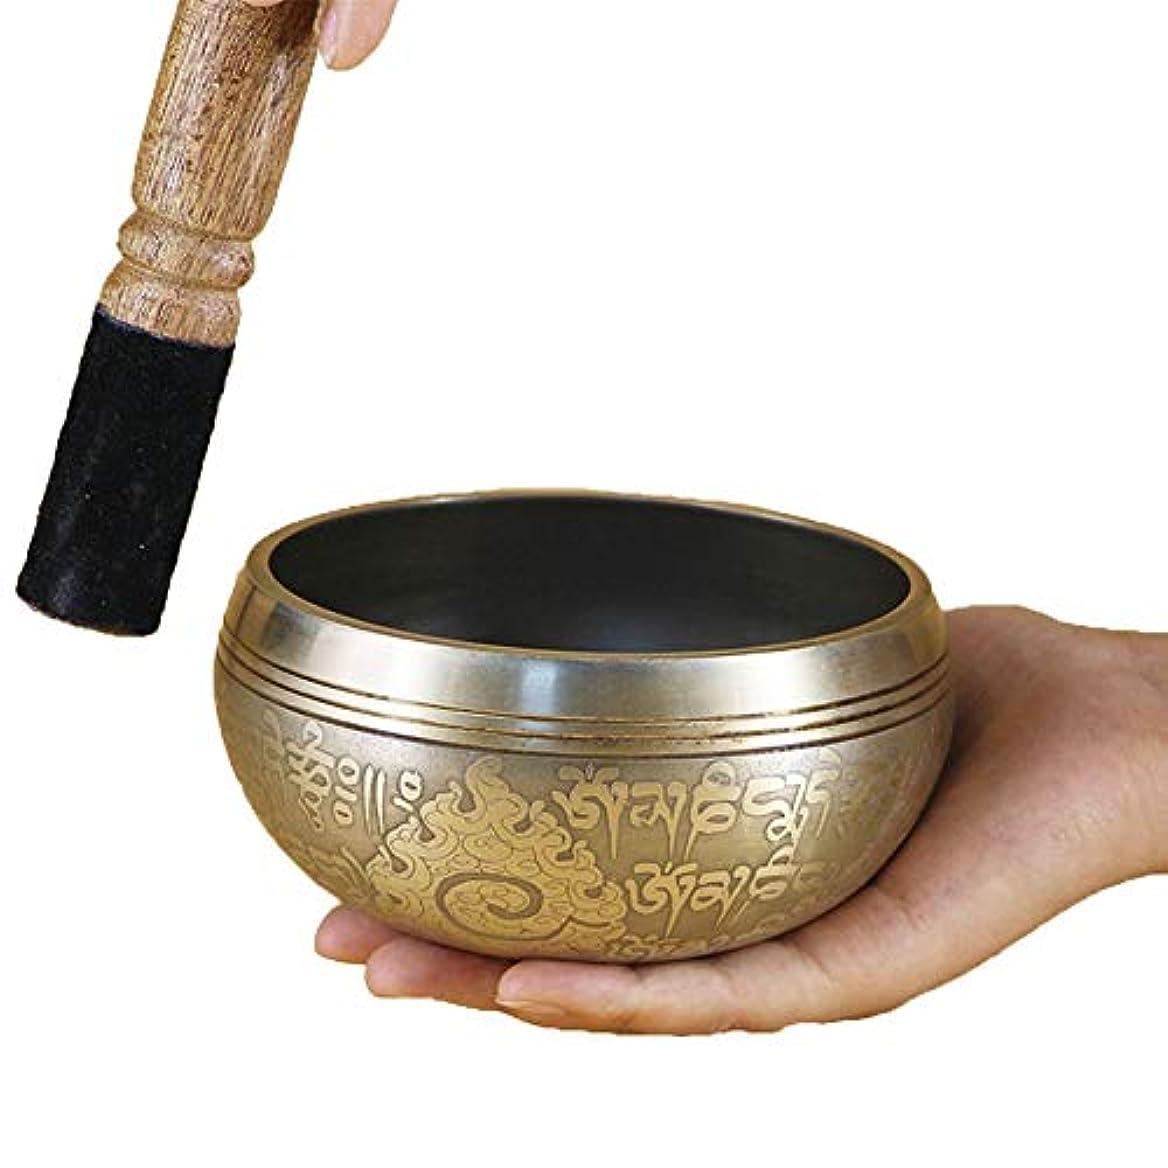 まあ管理合法チベットの歌唱ボウル、歌唱ボウル、彫刻デザイン、木の棒で、ヨガ、瞑想、サウンドセラピー(銅)に適して